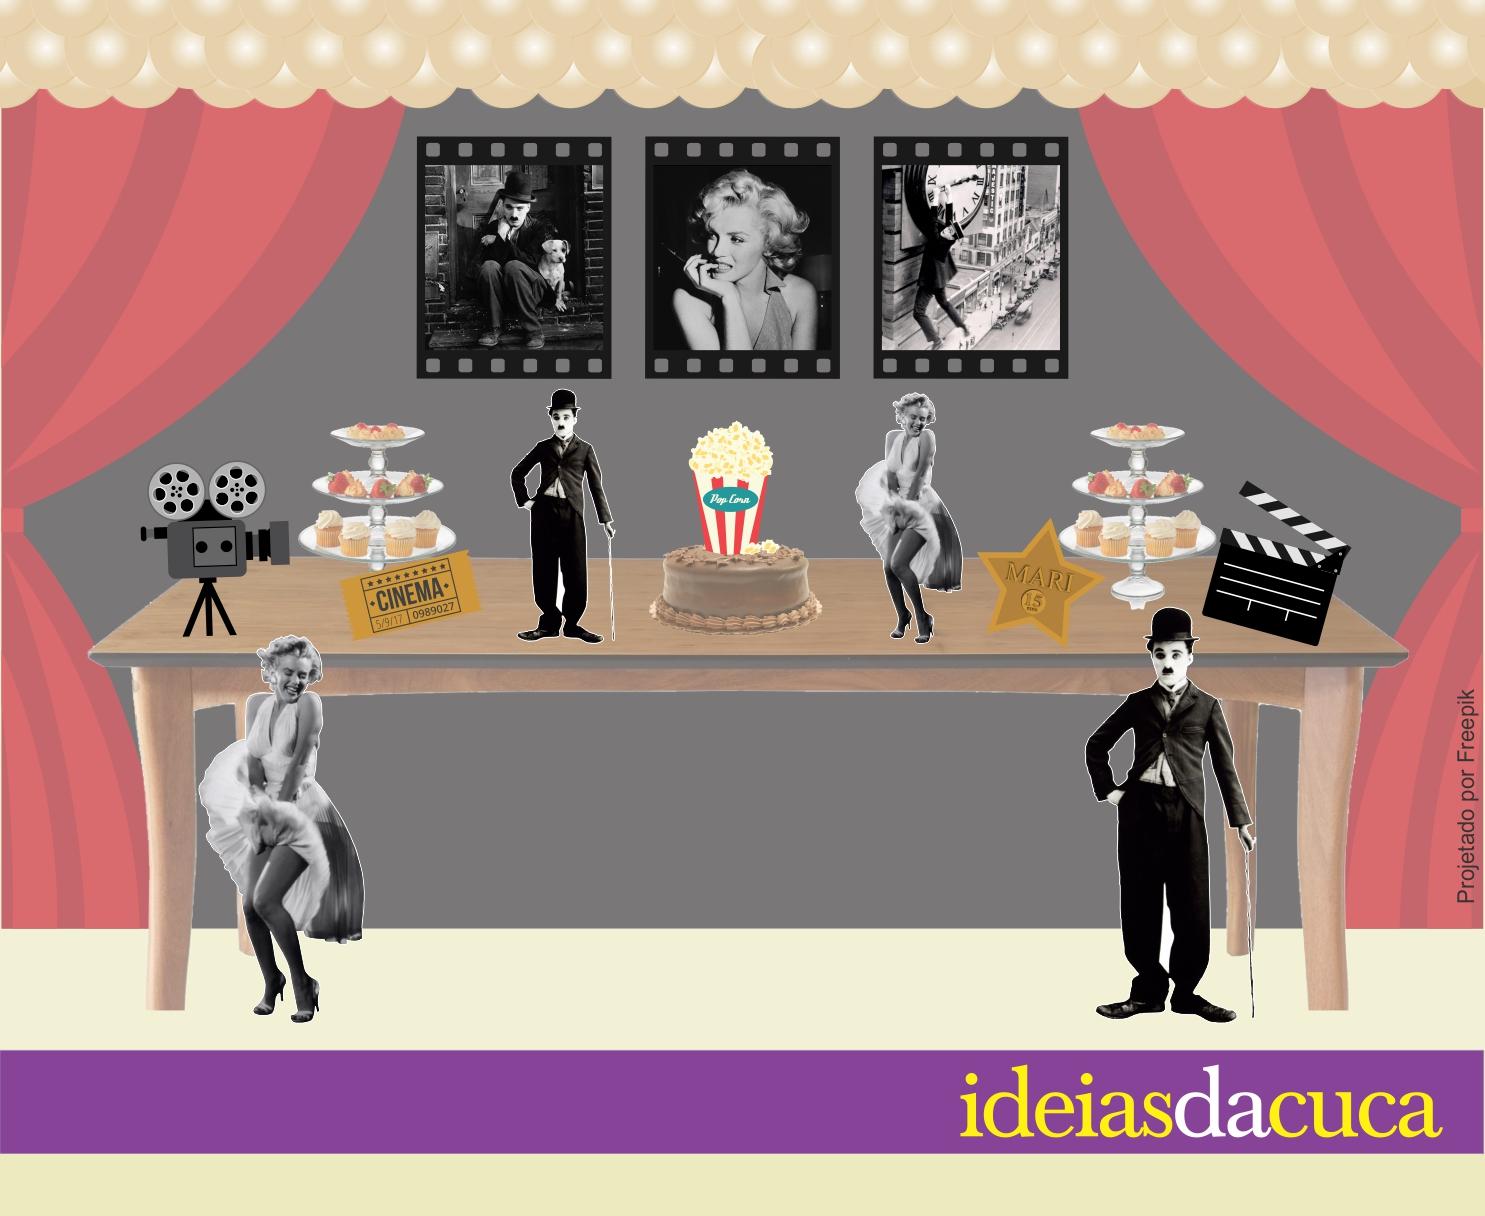 Excepcional Kit Festa Decoração Completa Cinema Hollywood no Elo7 | Ideias da  OU03